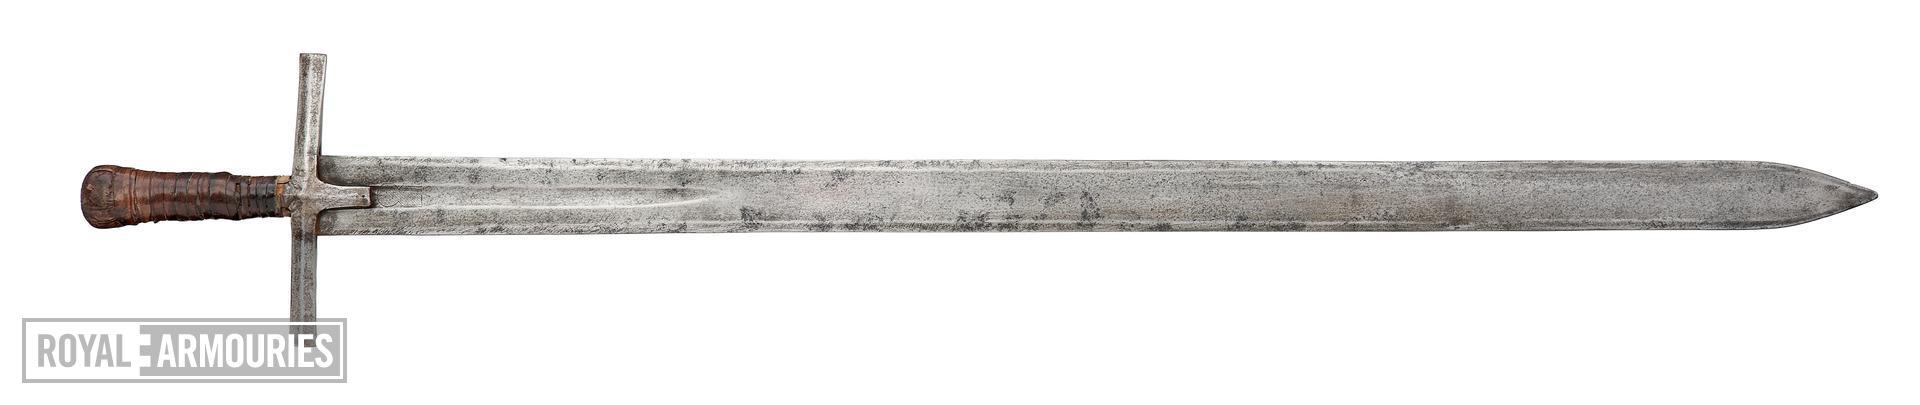 Sword (kaskara)